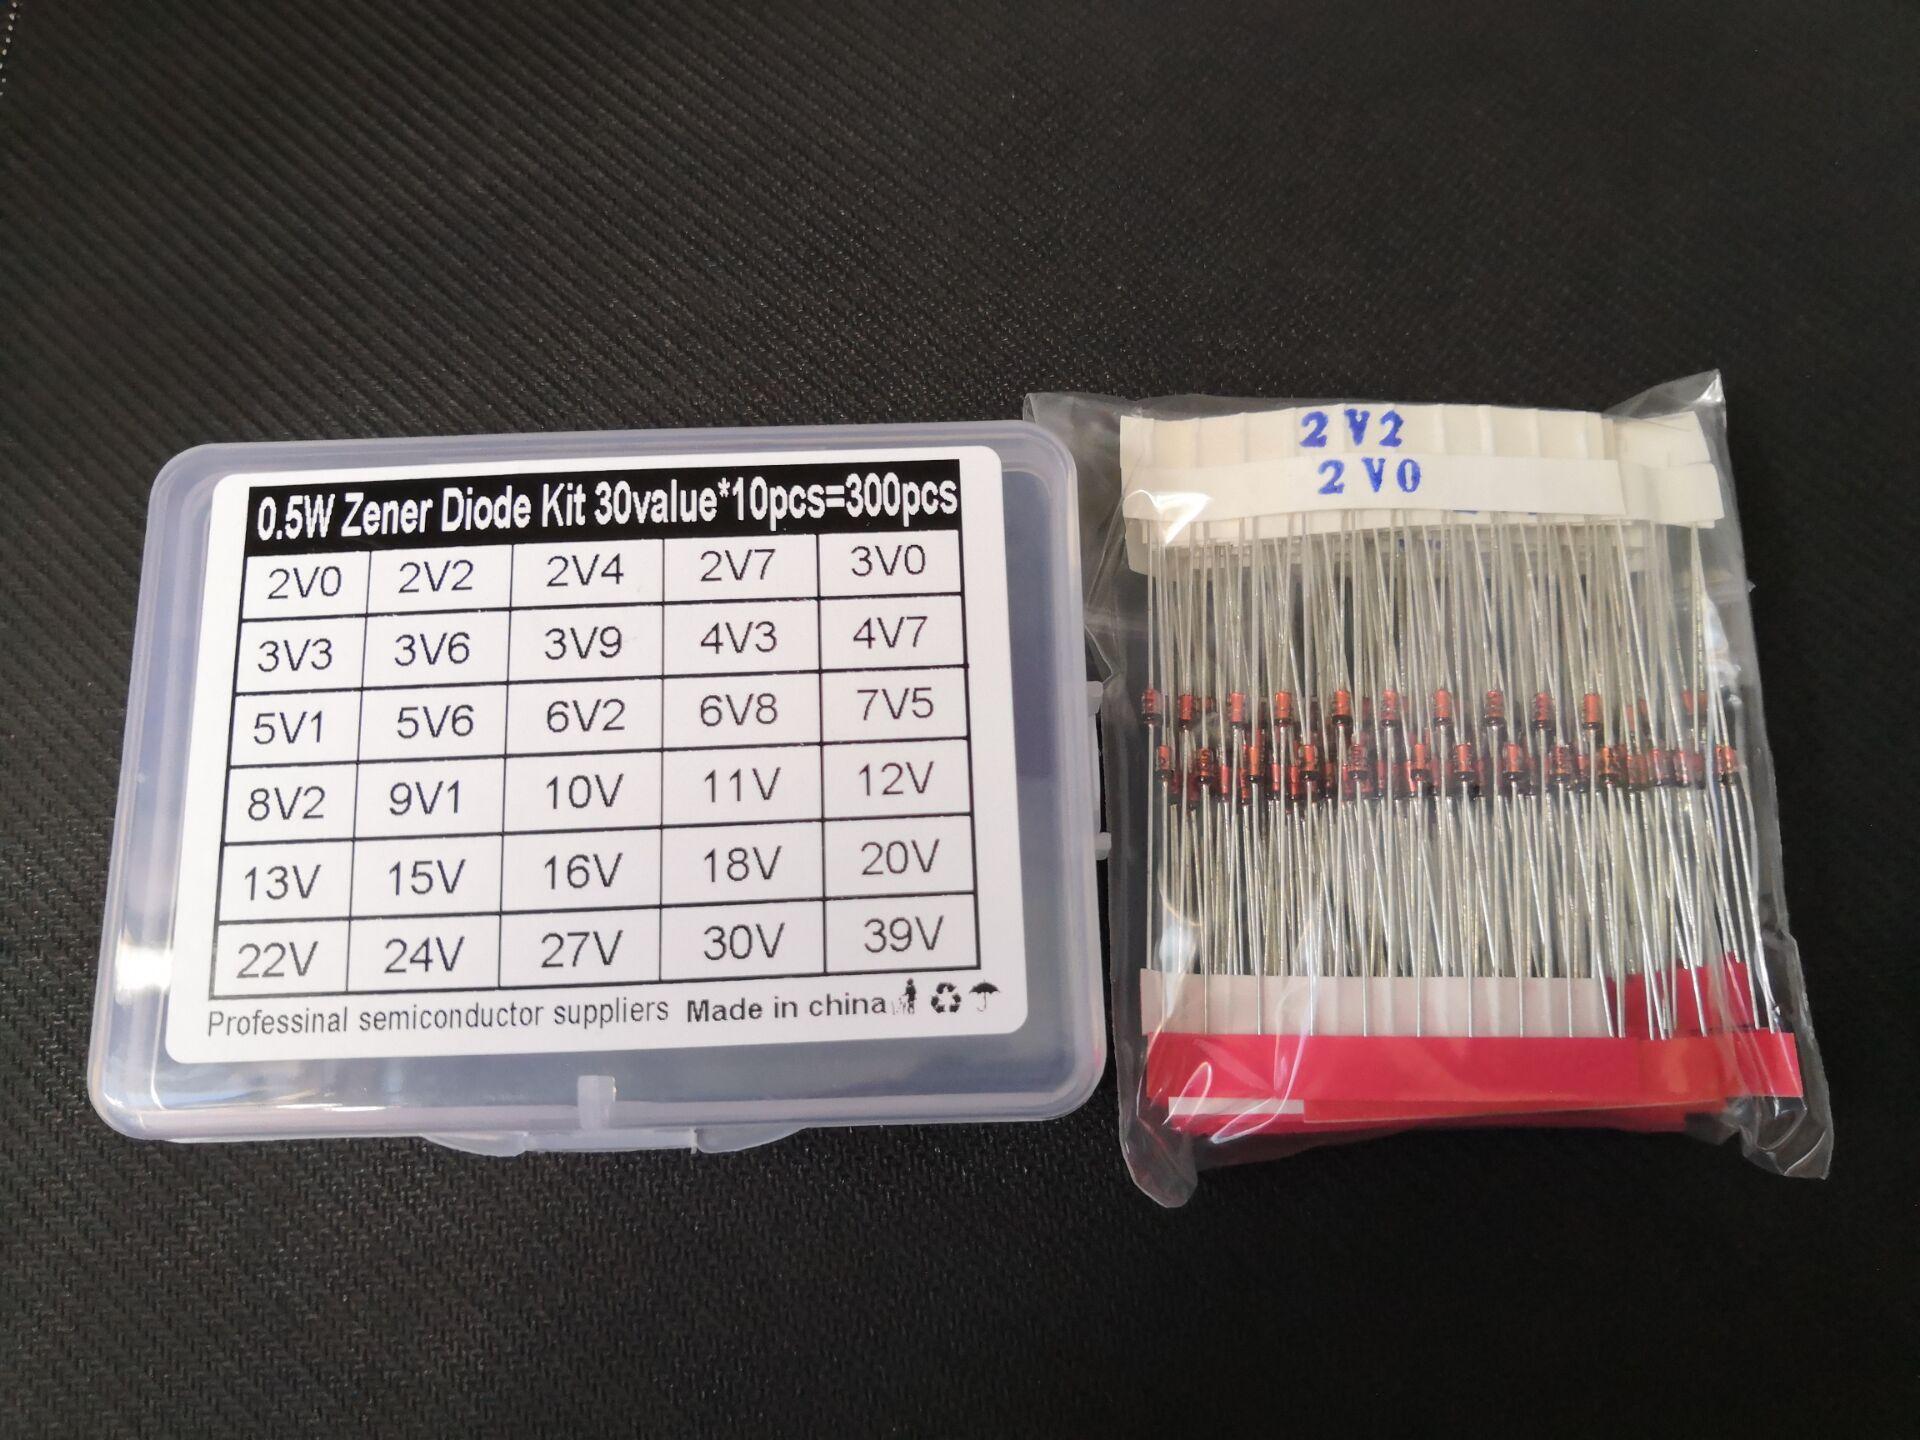 Voltage-Regulator 2v--39v-Diode-Kit Zener 30V 13V 300PCS 27V 24V 16V 22V 15V 20V 18V